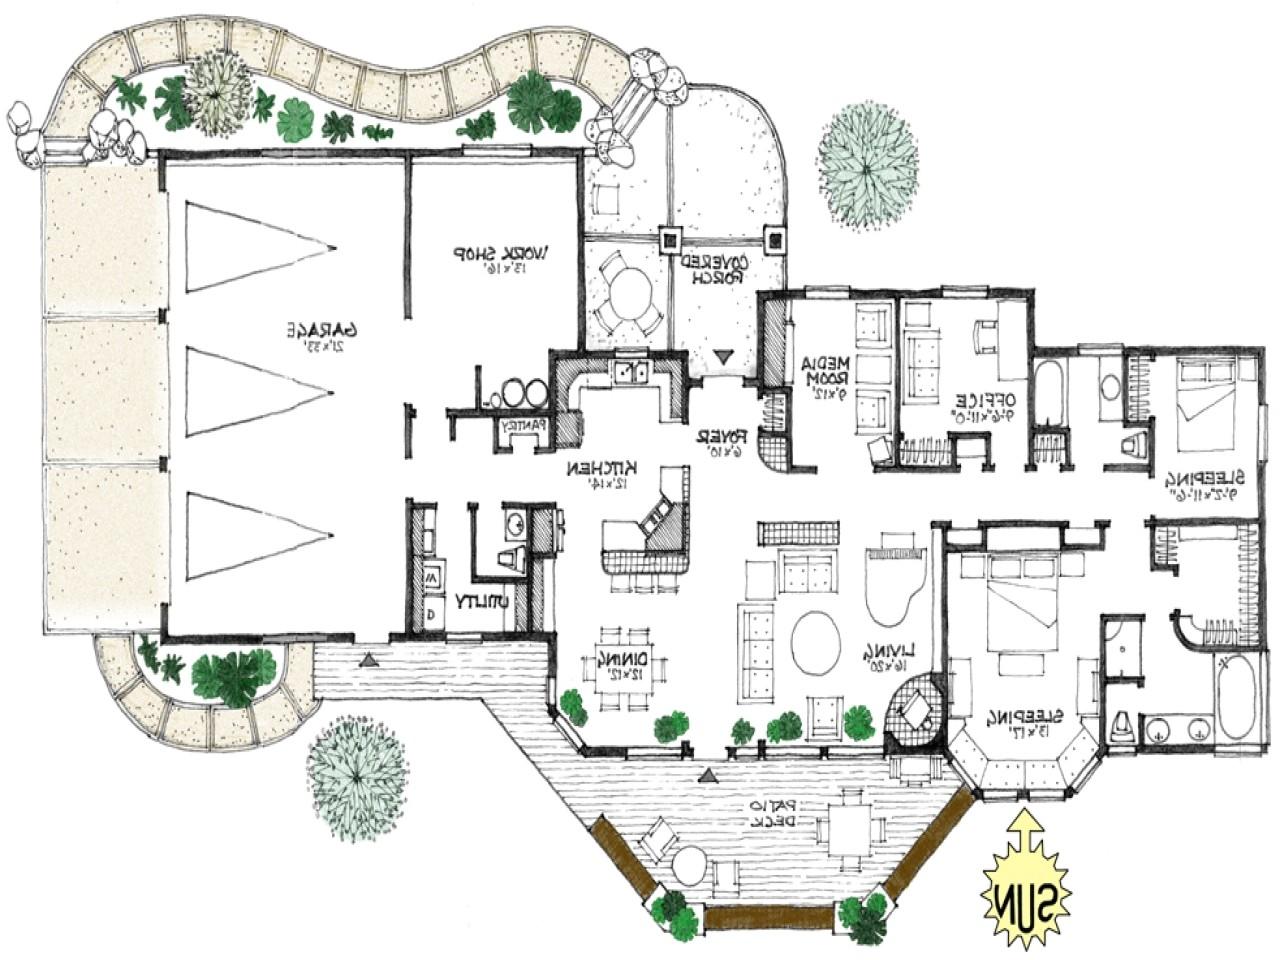 baa371e242be6ecb building an energy efficient home energy efficient house floor plans